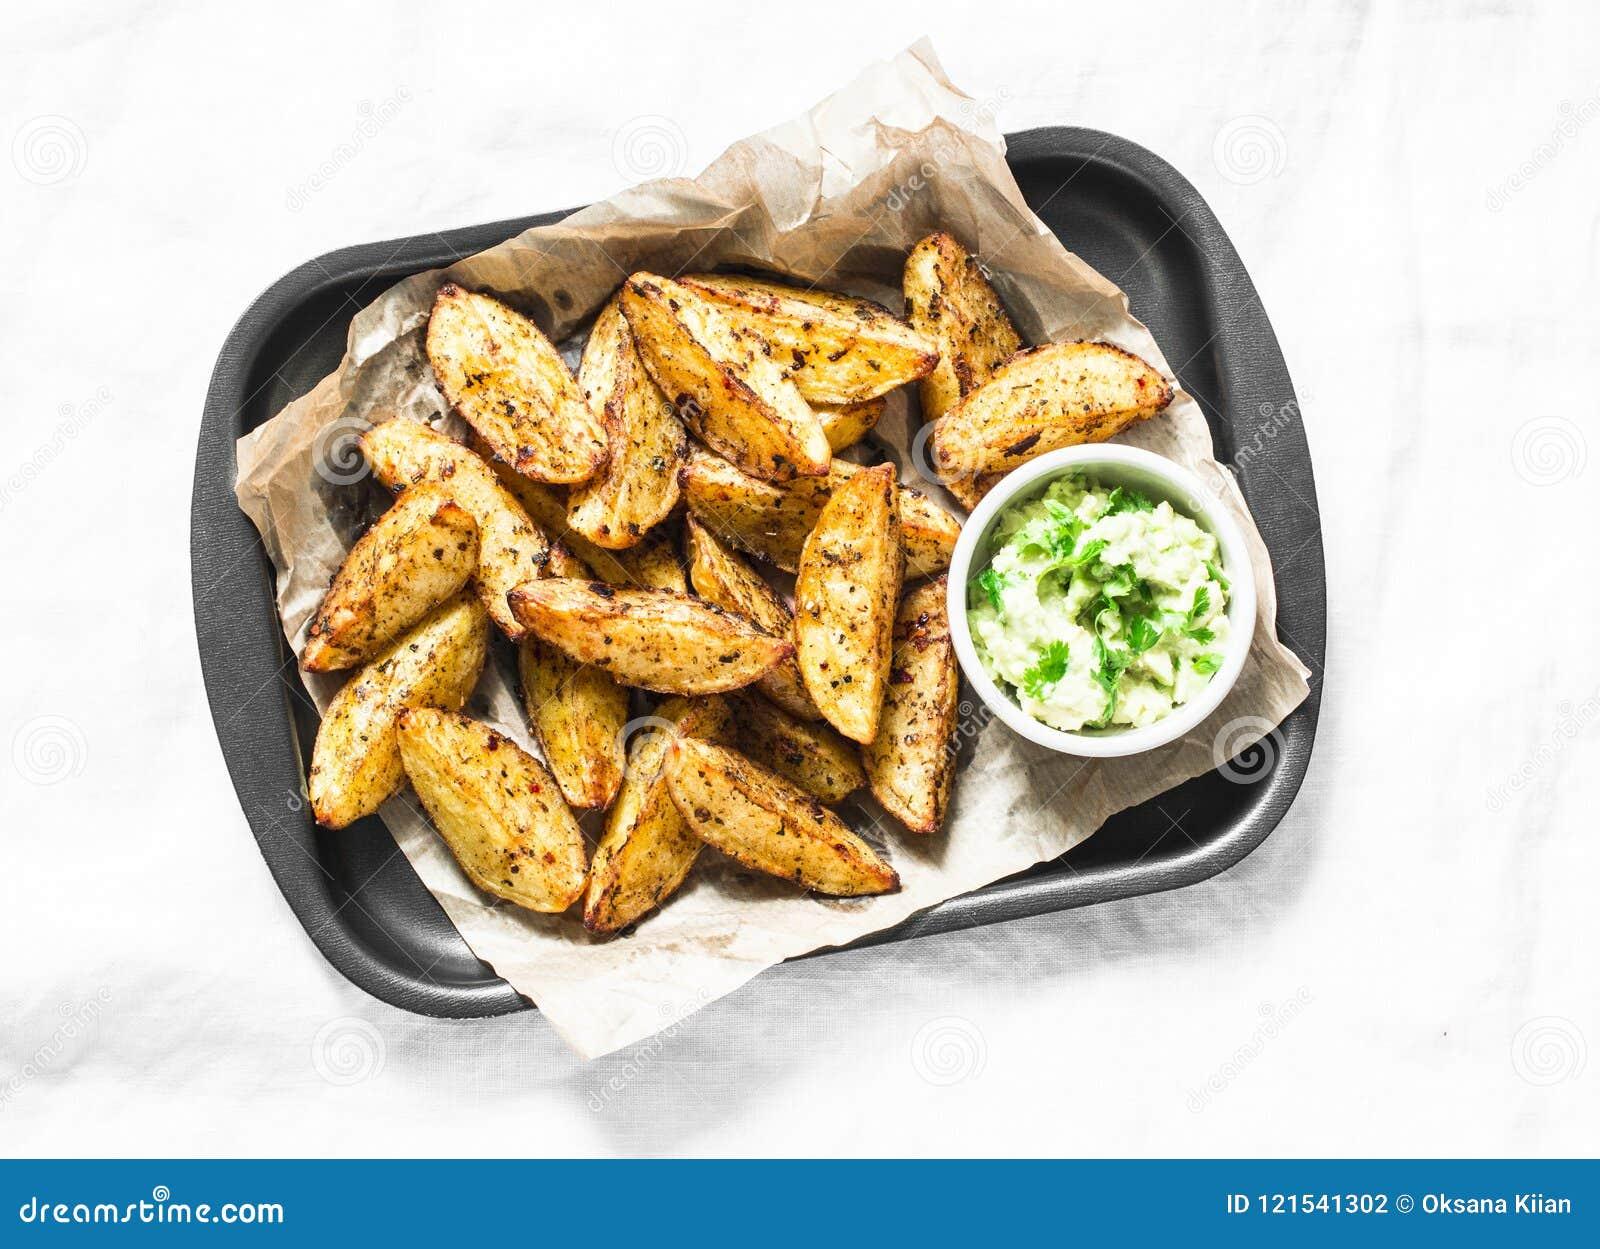 Patata al forno con la salsa dell avocado su fondo leggero, vista superiore Spuntino o aperitivi deliziosi